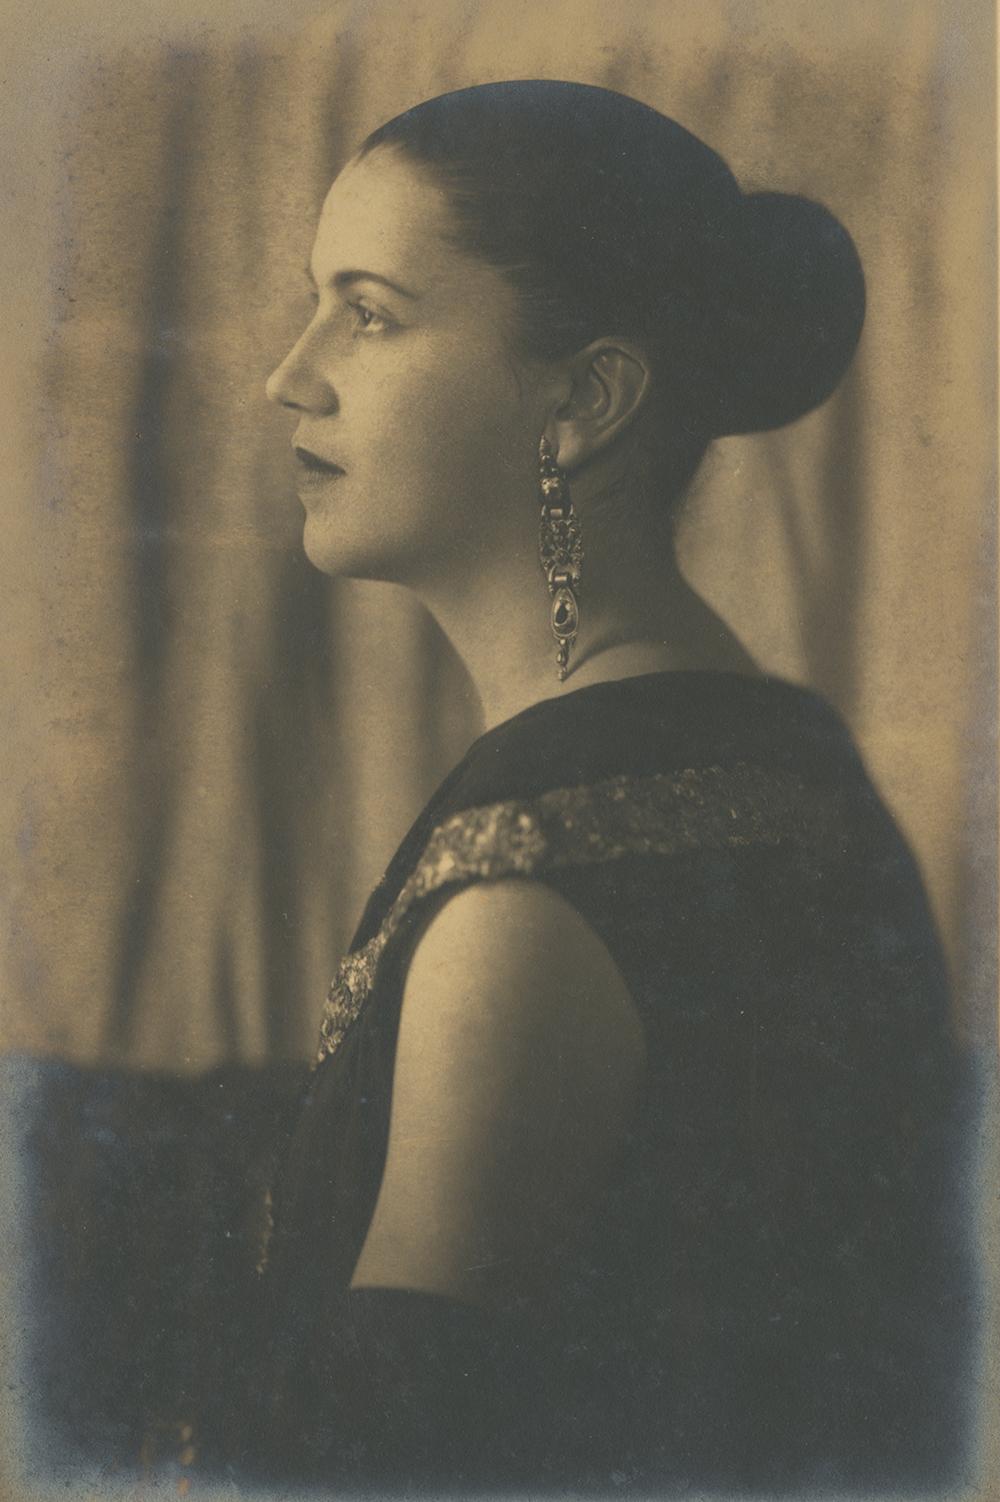 Portrait of Tarsila do Amaral in profile, mid-1920s. Gelatin silver print. Pedro Corrêa do Lago Collection, São Paulo.